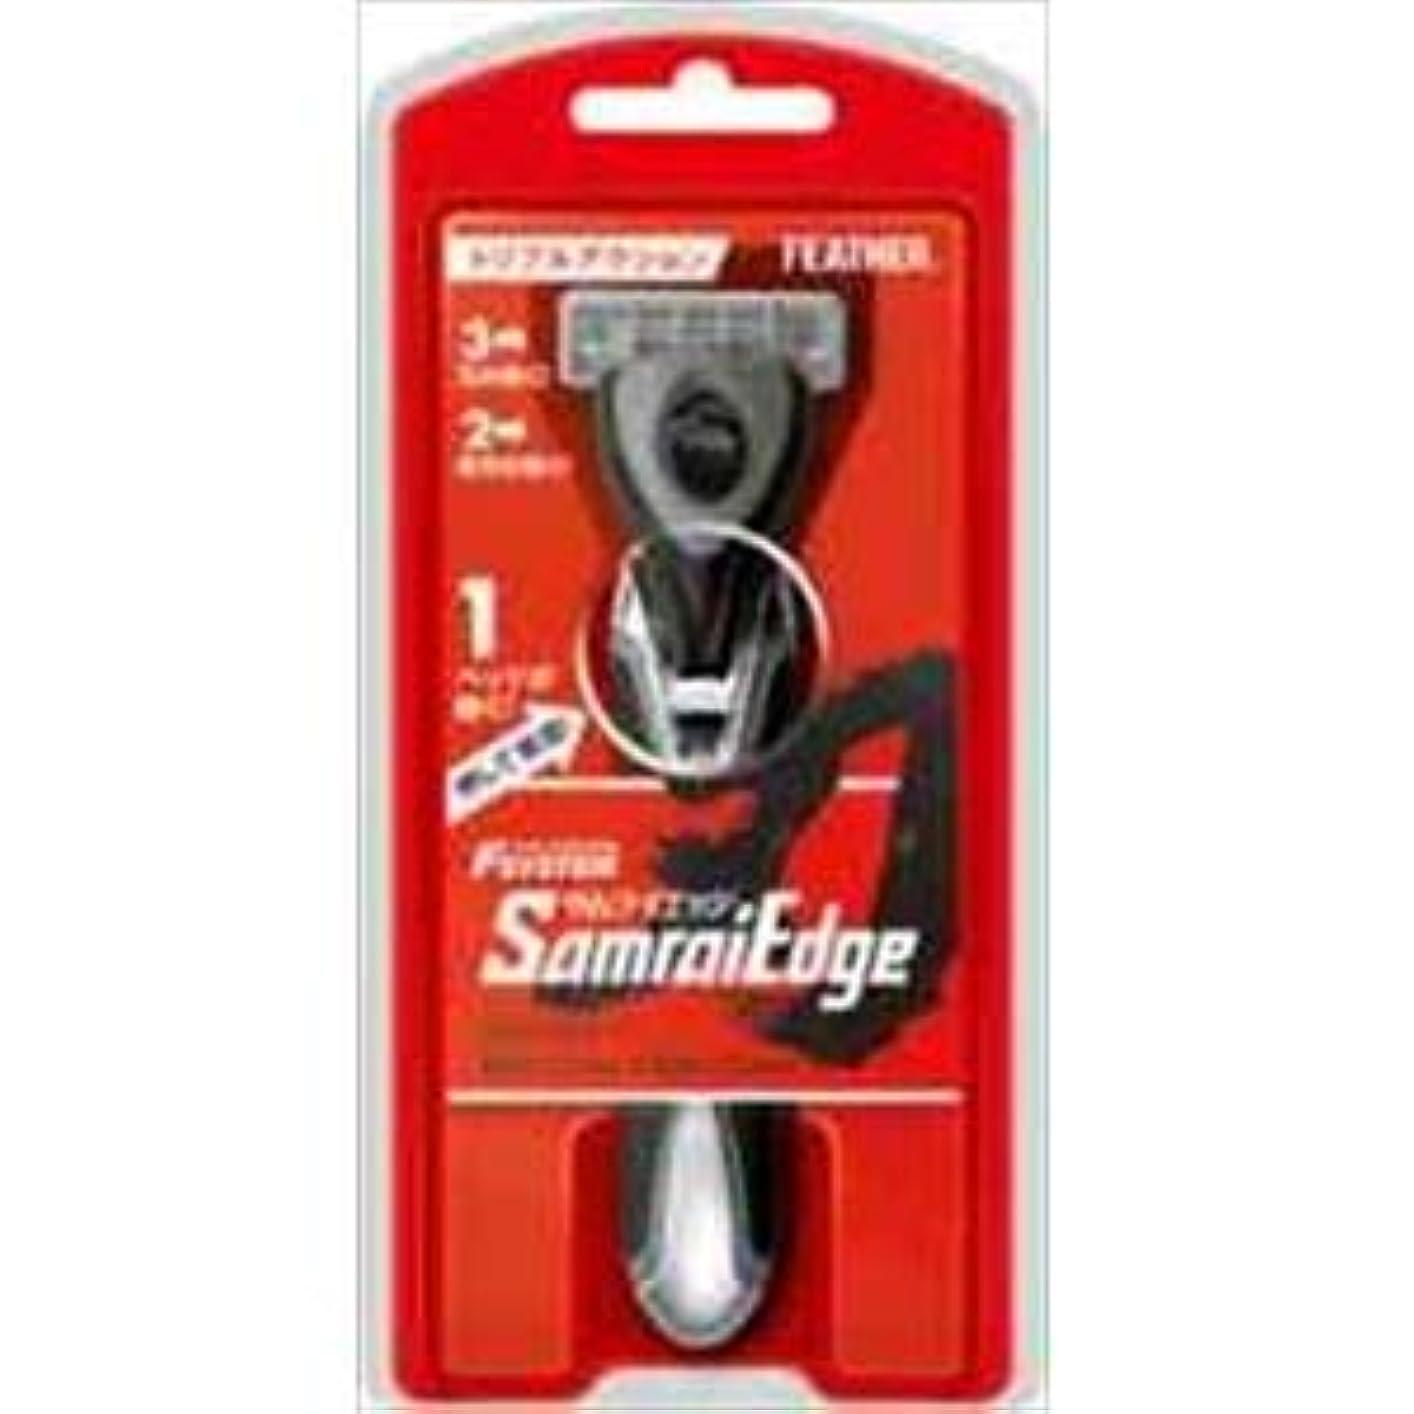 分離するはっきりしないライター(まとめ)フェザー安全剃刃 エフシステム サムライエッジホルダー 【×6点セット】